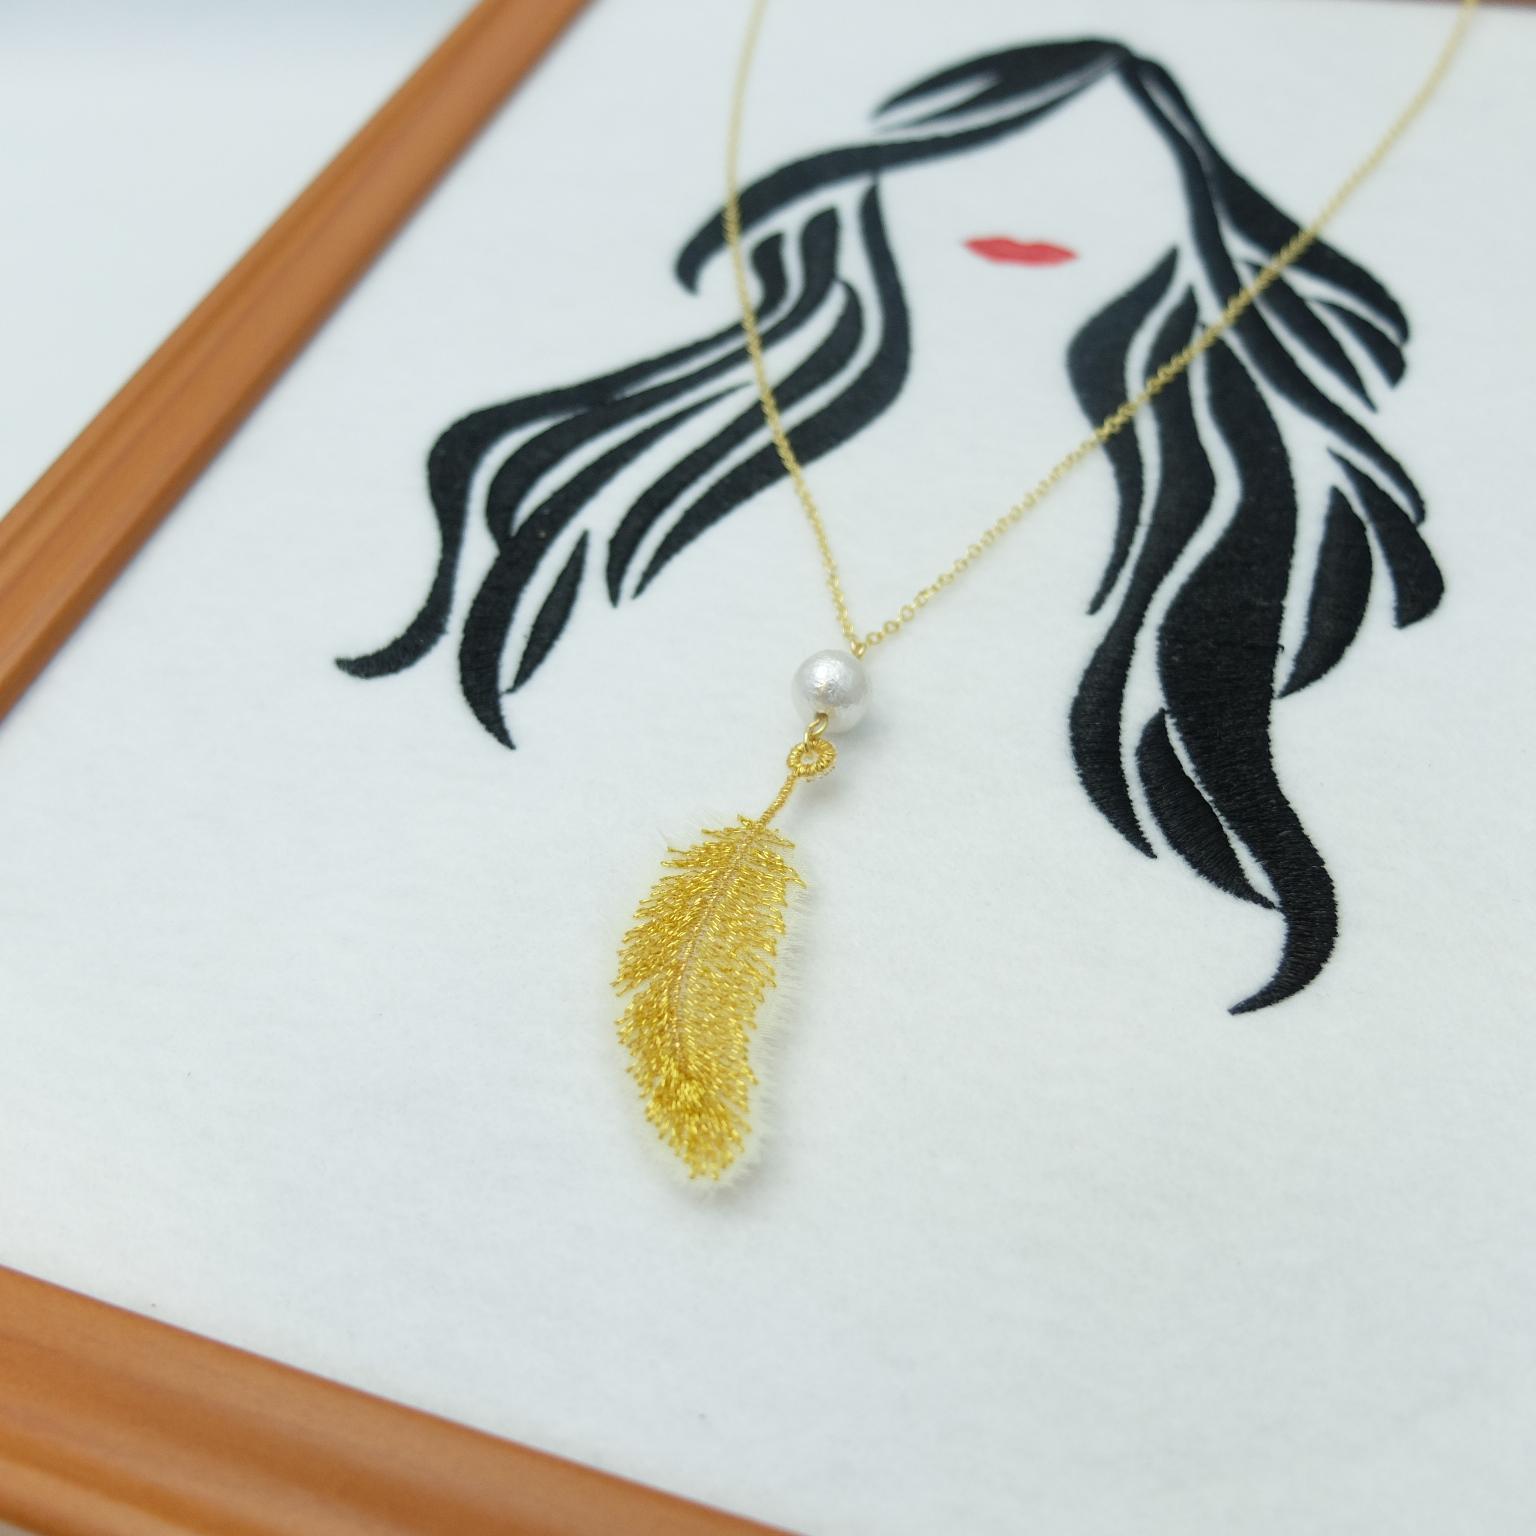 フェザー刺繍 ネックレス 刺繍アクセサリー